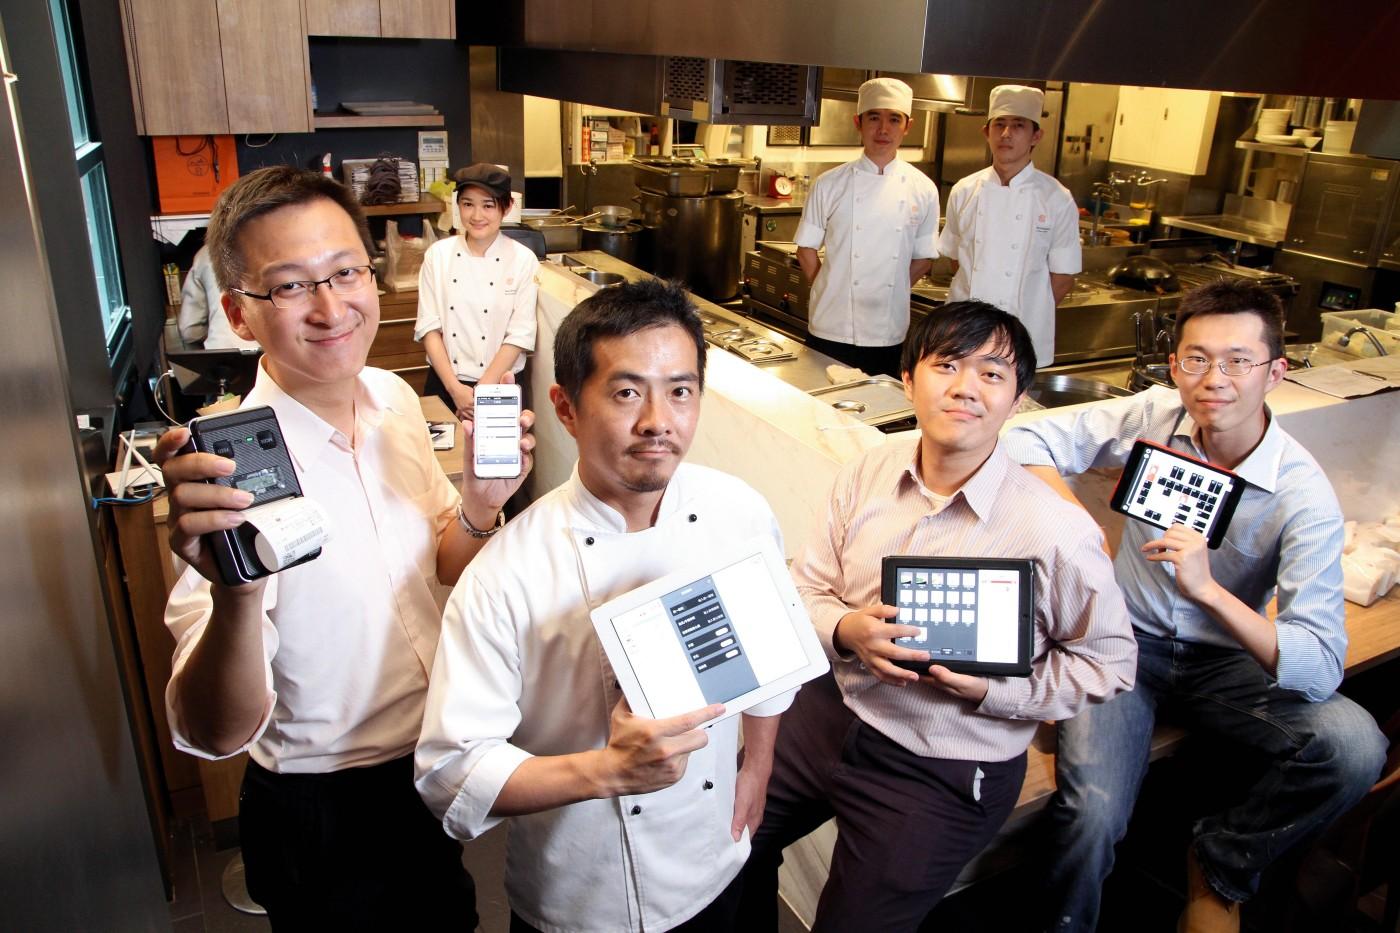 iCHEF 四位共同創辦人 2013 年於台北麻膳堂合影。